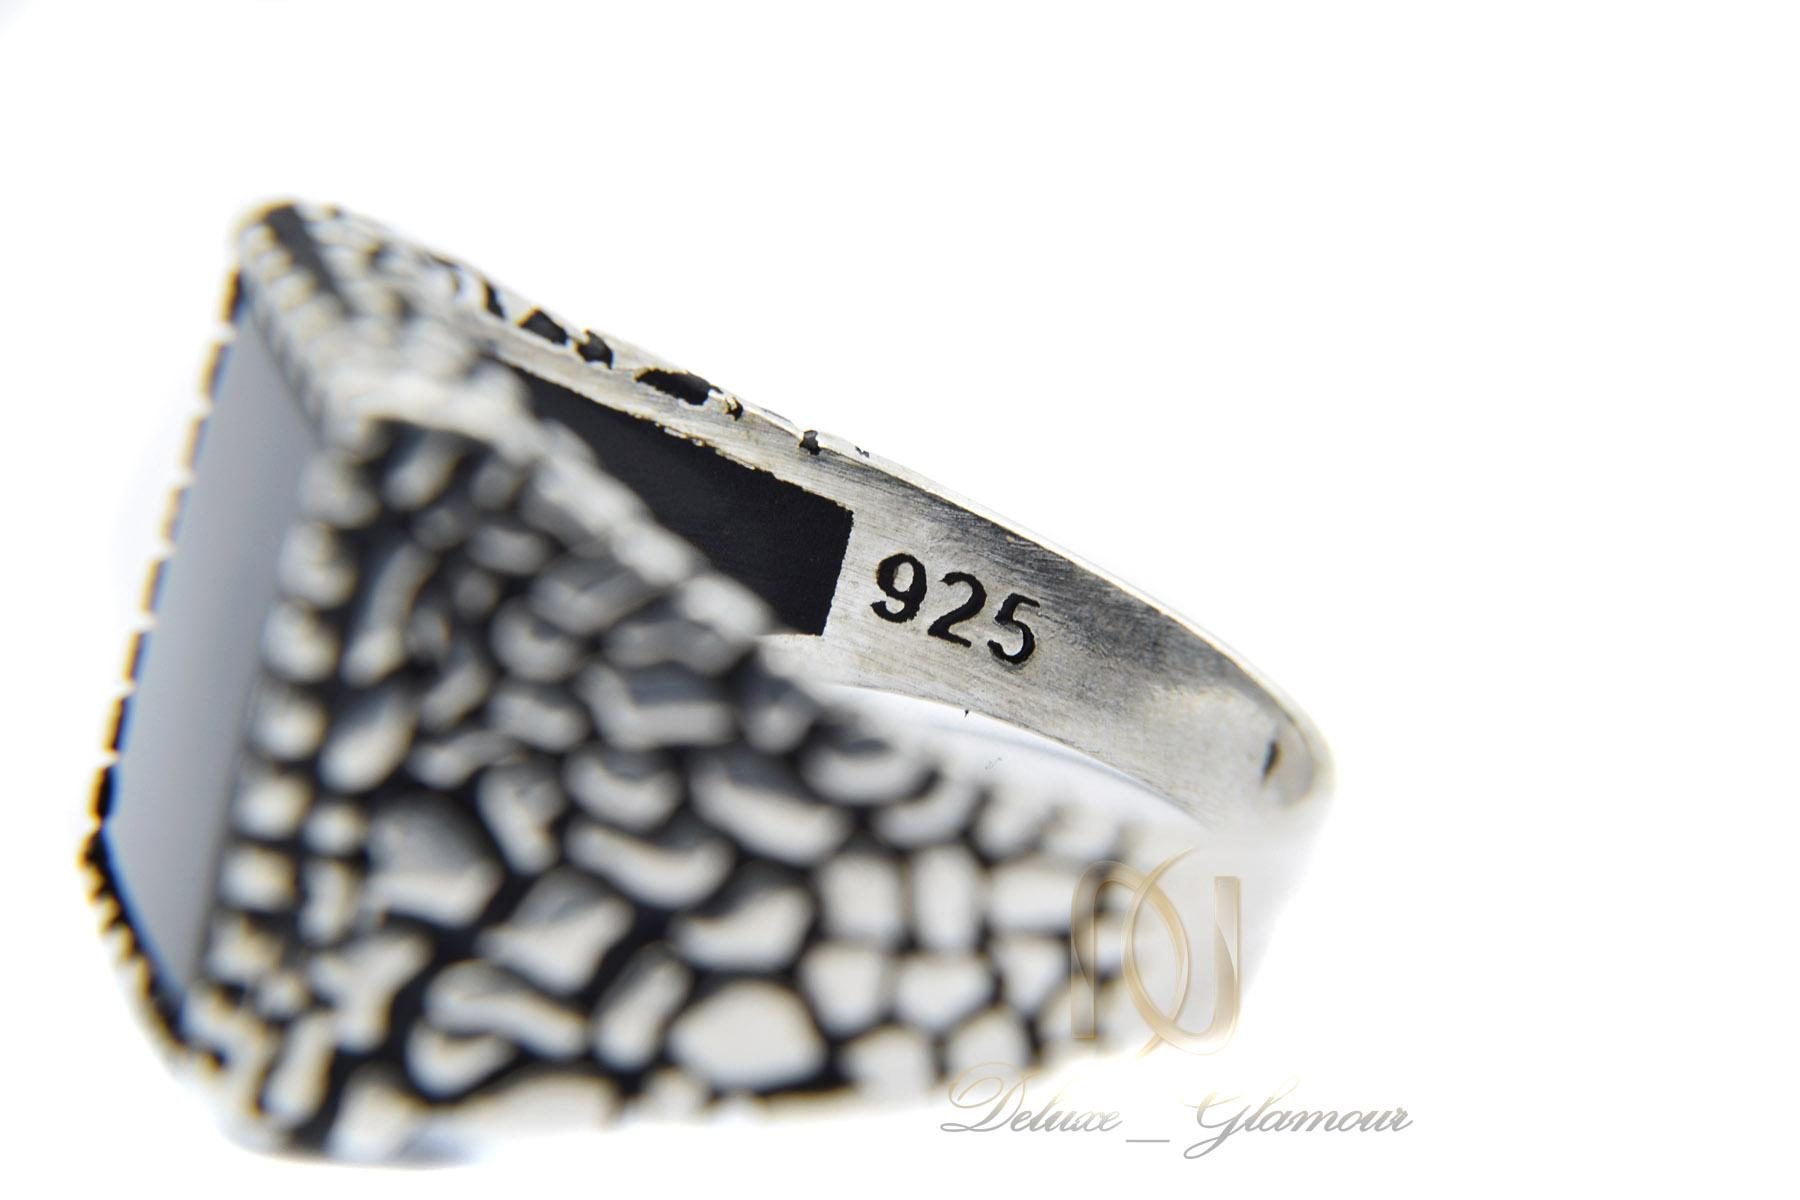 انگشتر نقره مردانه اسپرت نگین عقیق rg-n319 از نمای داخل